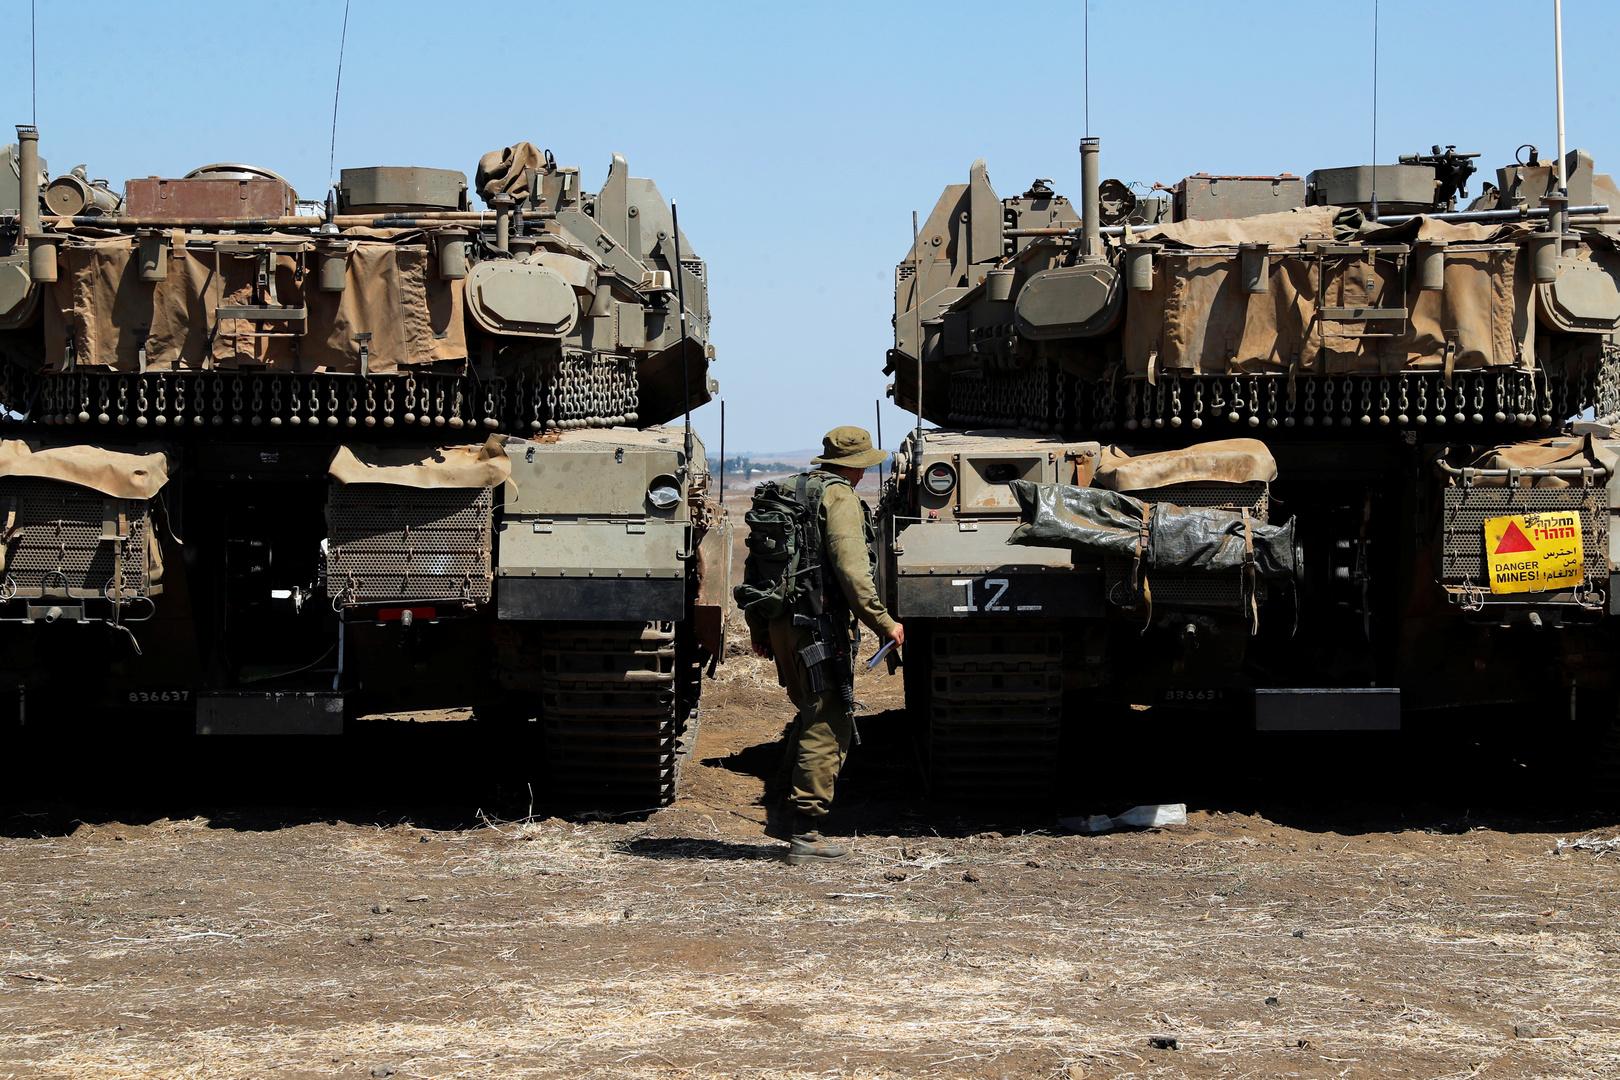 بالفيديو.. الجيش الإسرائيلي يكشف عن مهمة سرية نفذها في سوريا